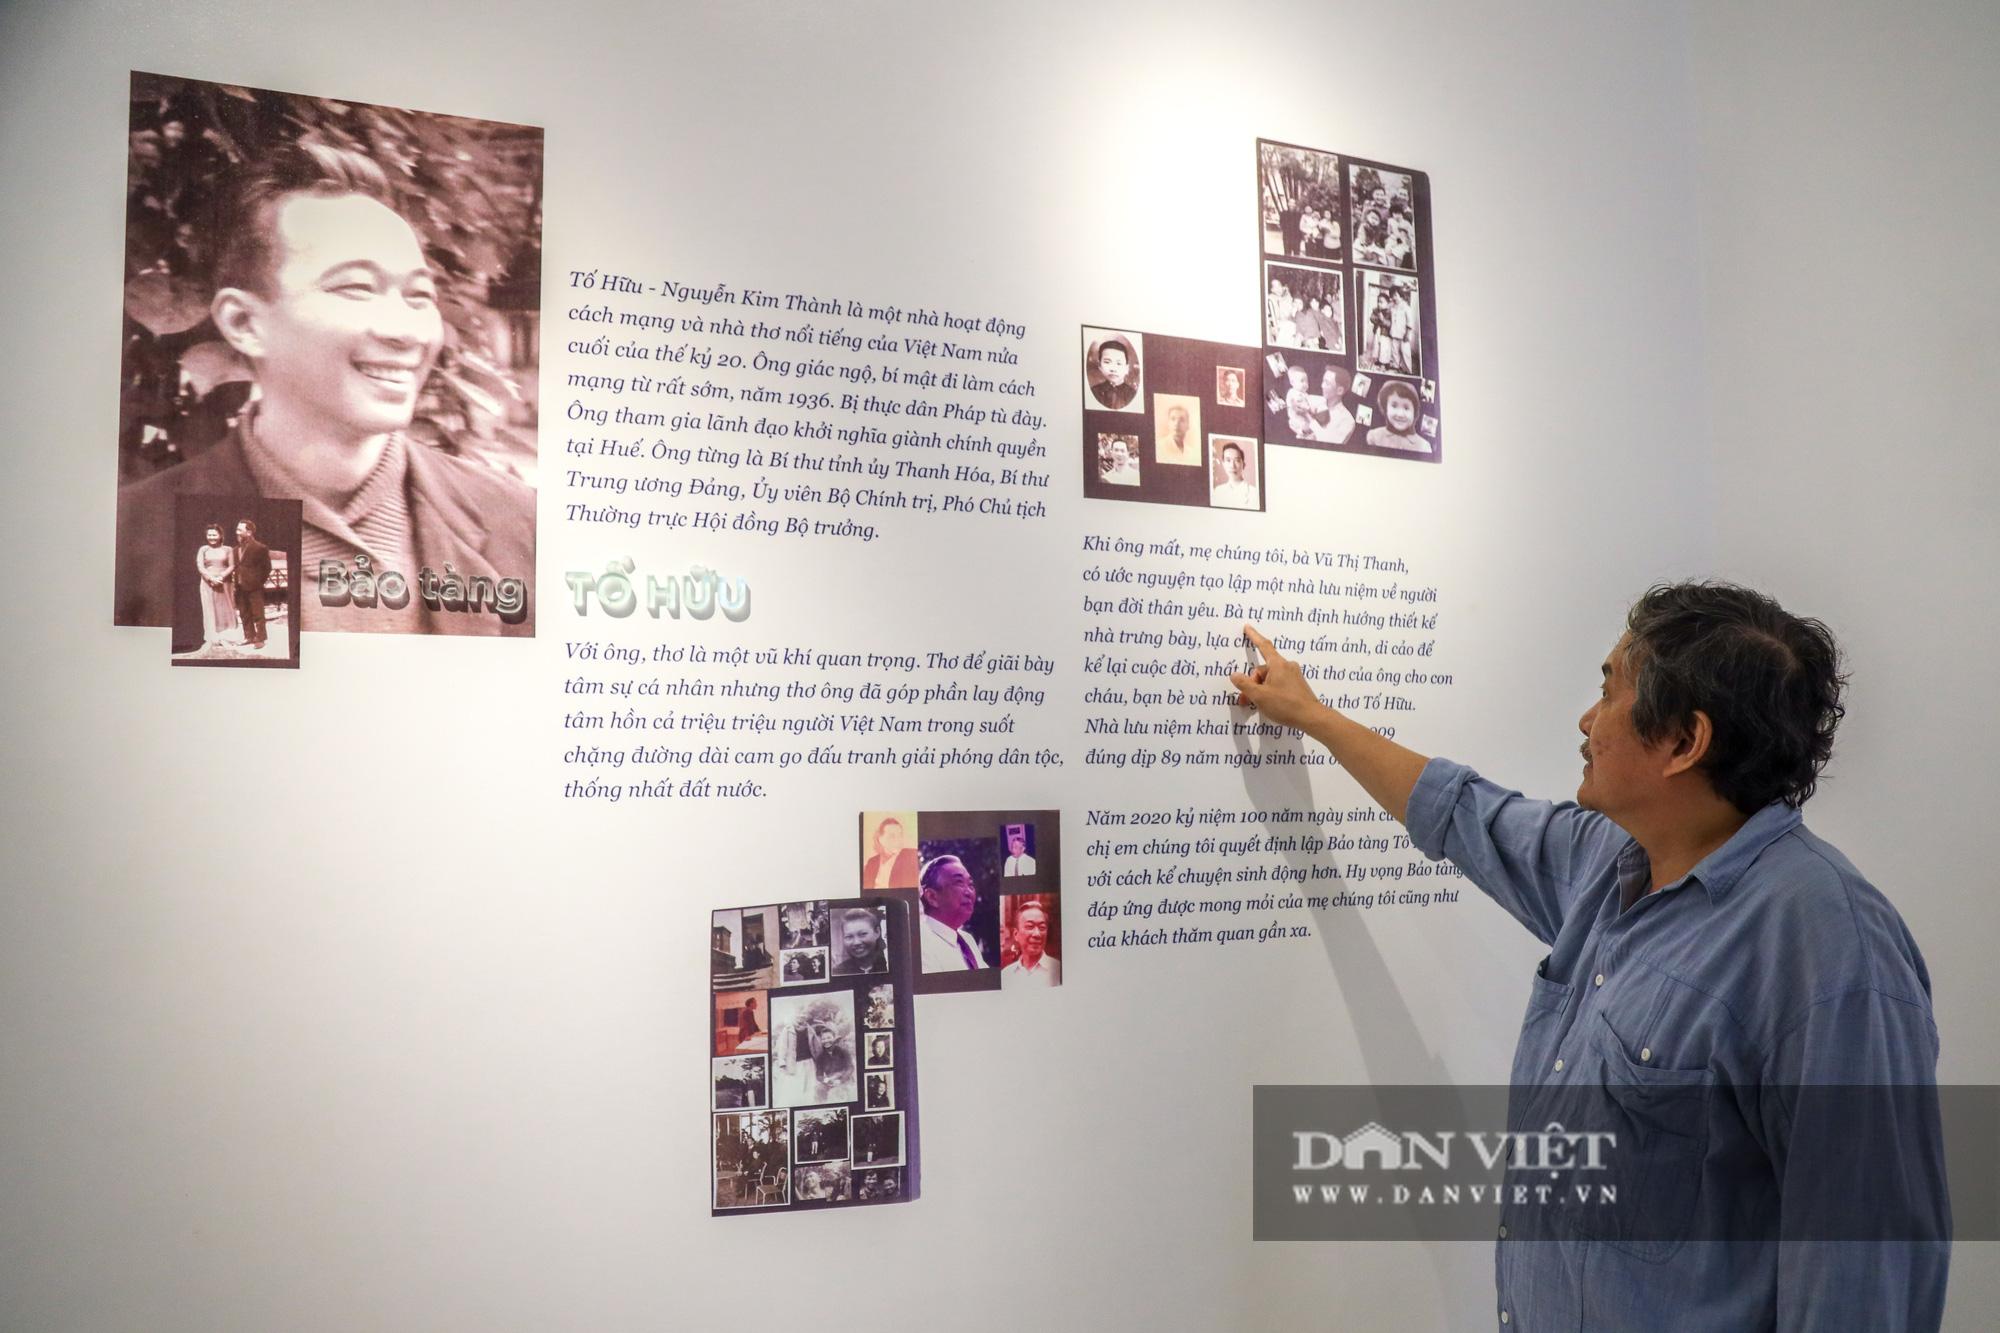 """Chiêm ngưỡng """"bảo tàng thơ"""" Tố Hữu mới xuất hiện tại Hà Nội - Ảnh 14."""